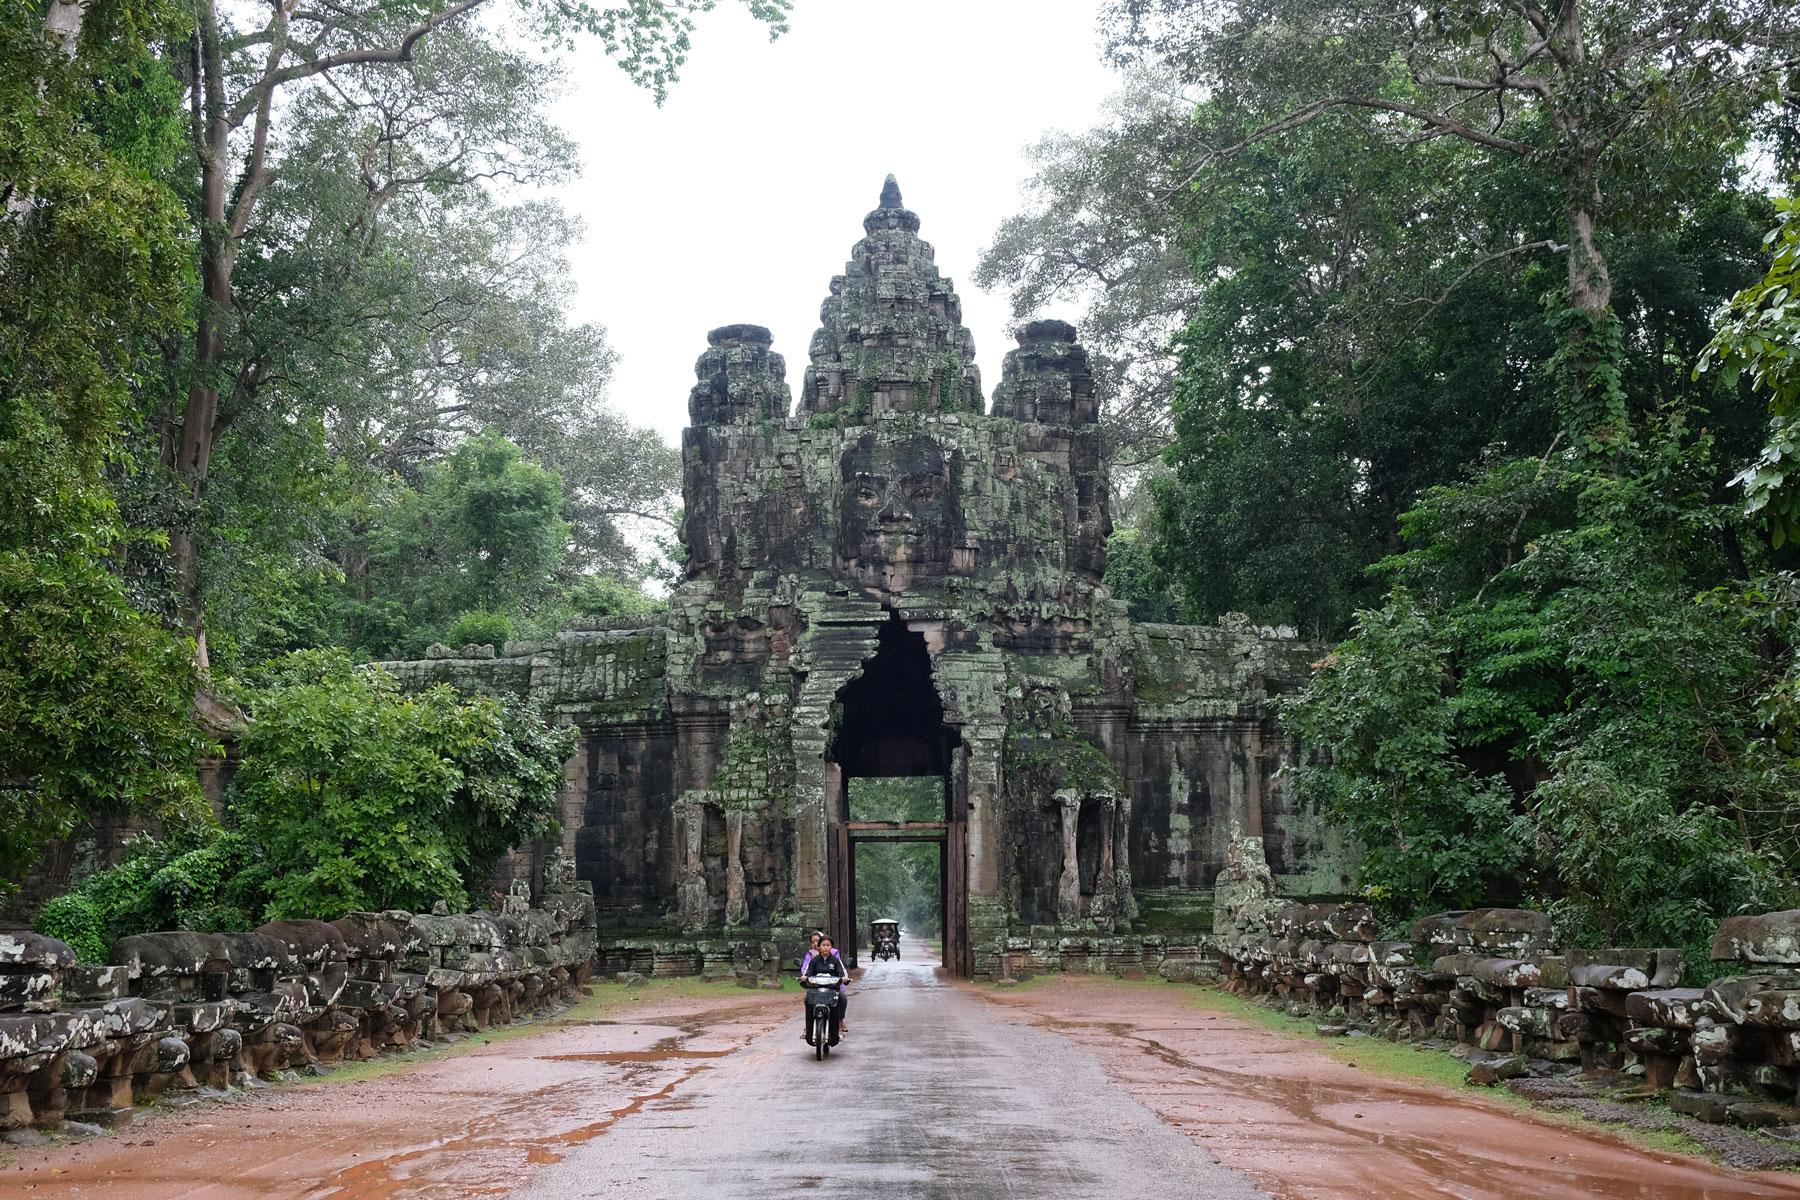 Ein Motorrad fährt durch das Victory Gate von Angkor Wat.